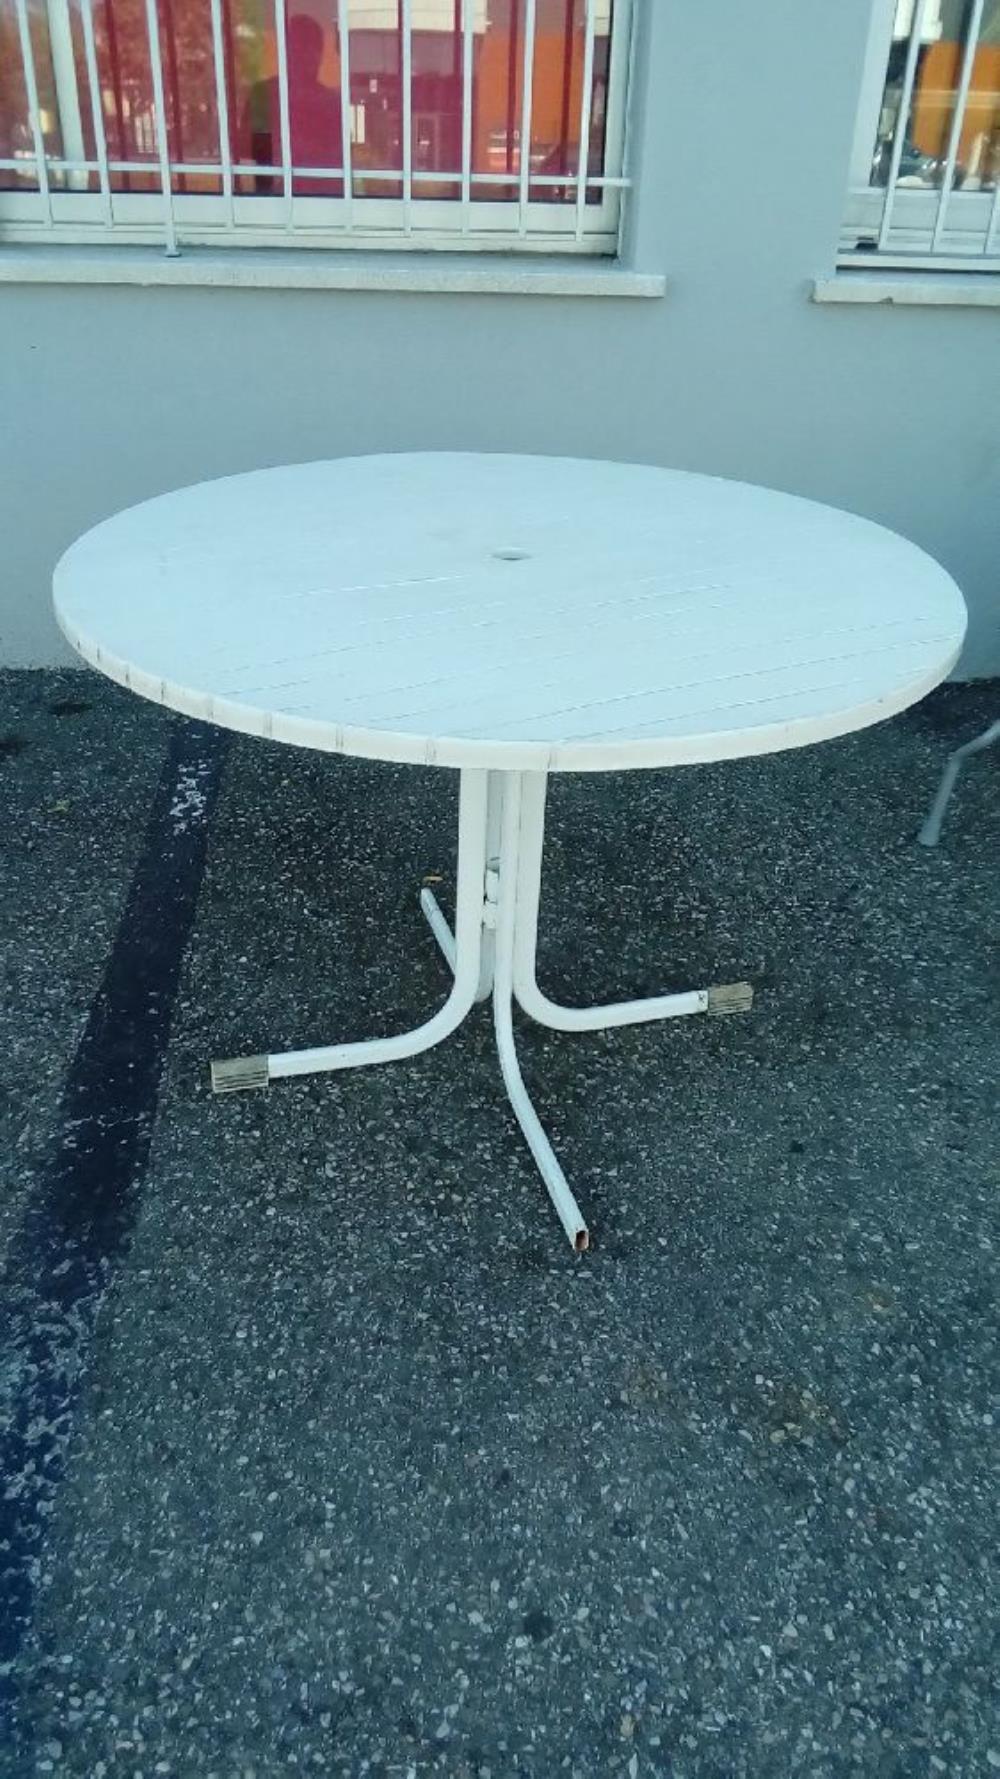 TABLE RONDE DE JARDIN PVC BLANC occasion - Troc Richwiller